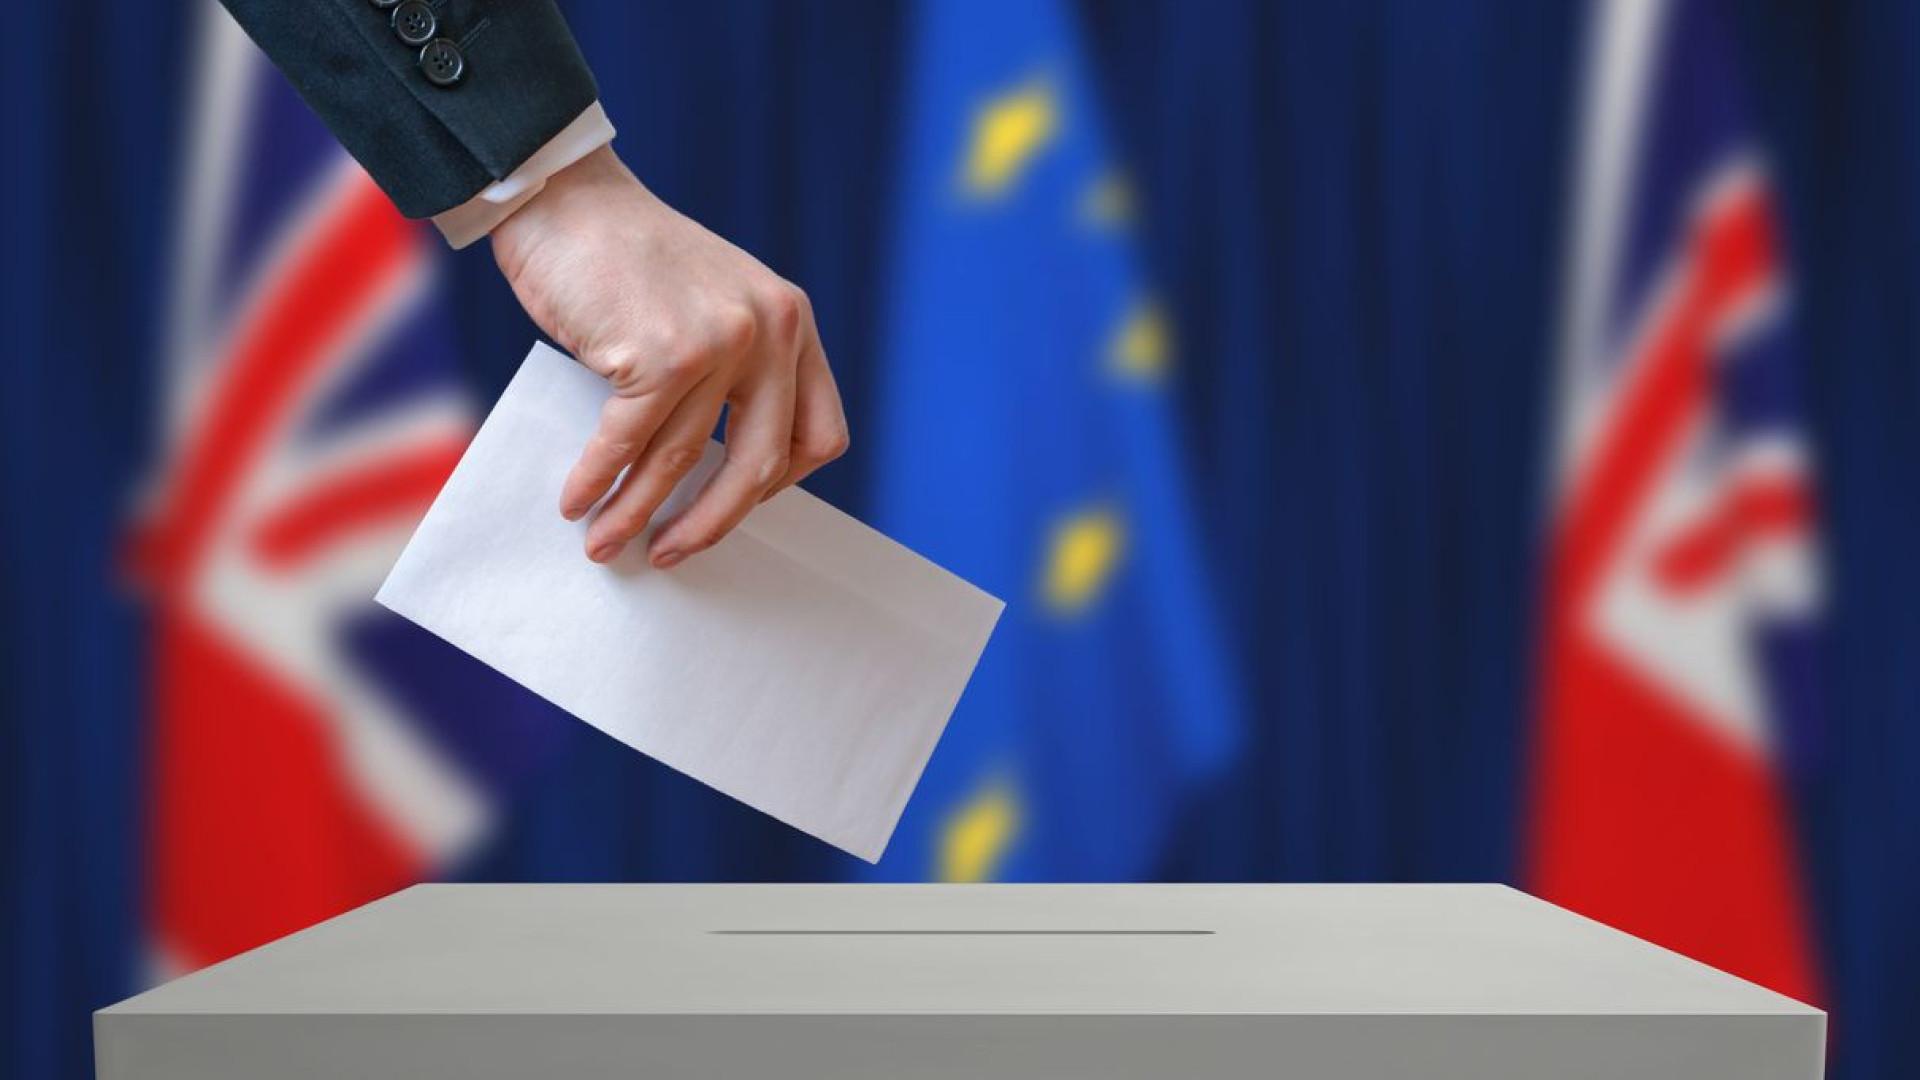 Trabalhistas admitem novo referendo, mas sem opção de permanecer na UE